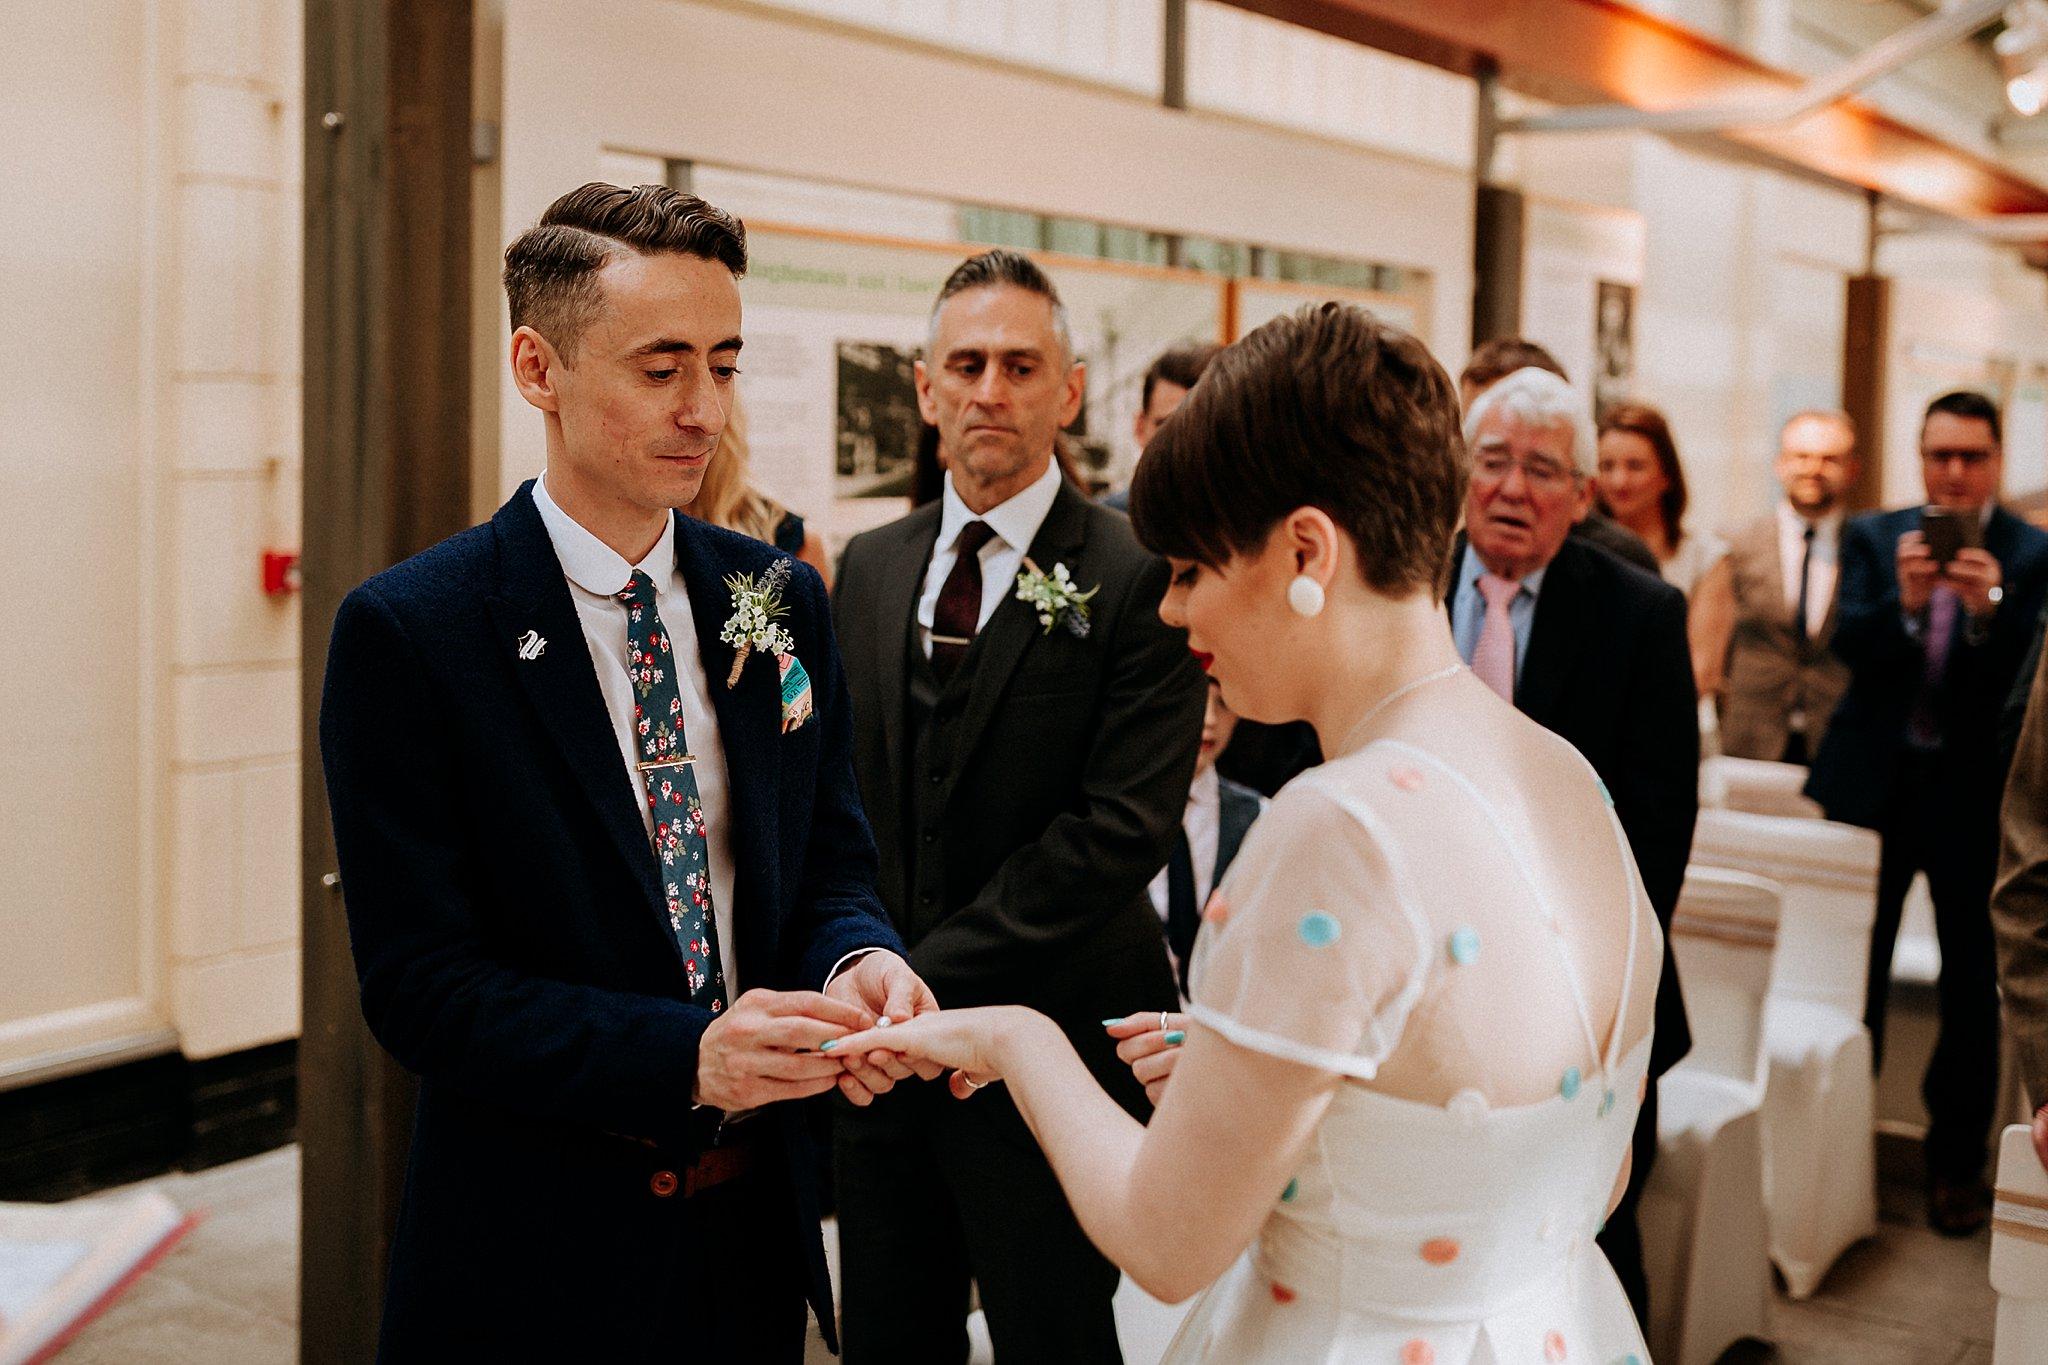 ALT WEDDING